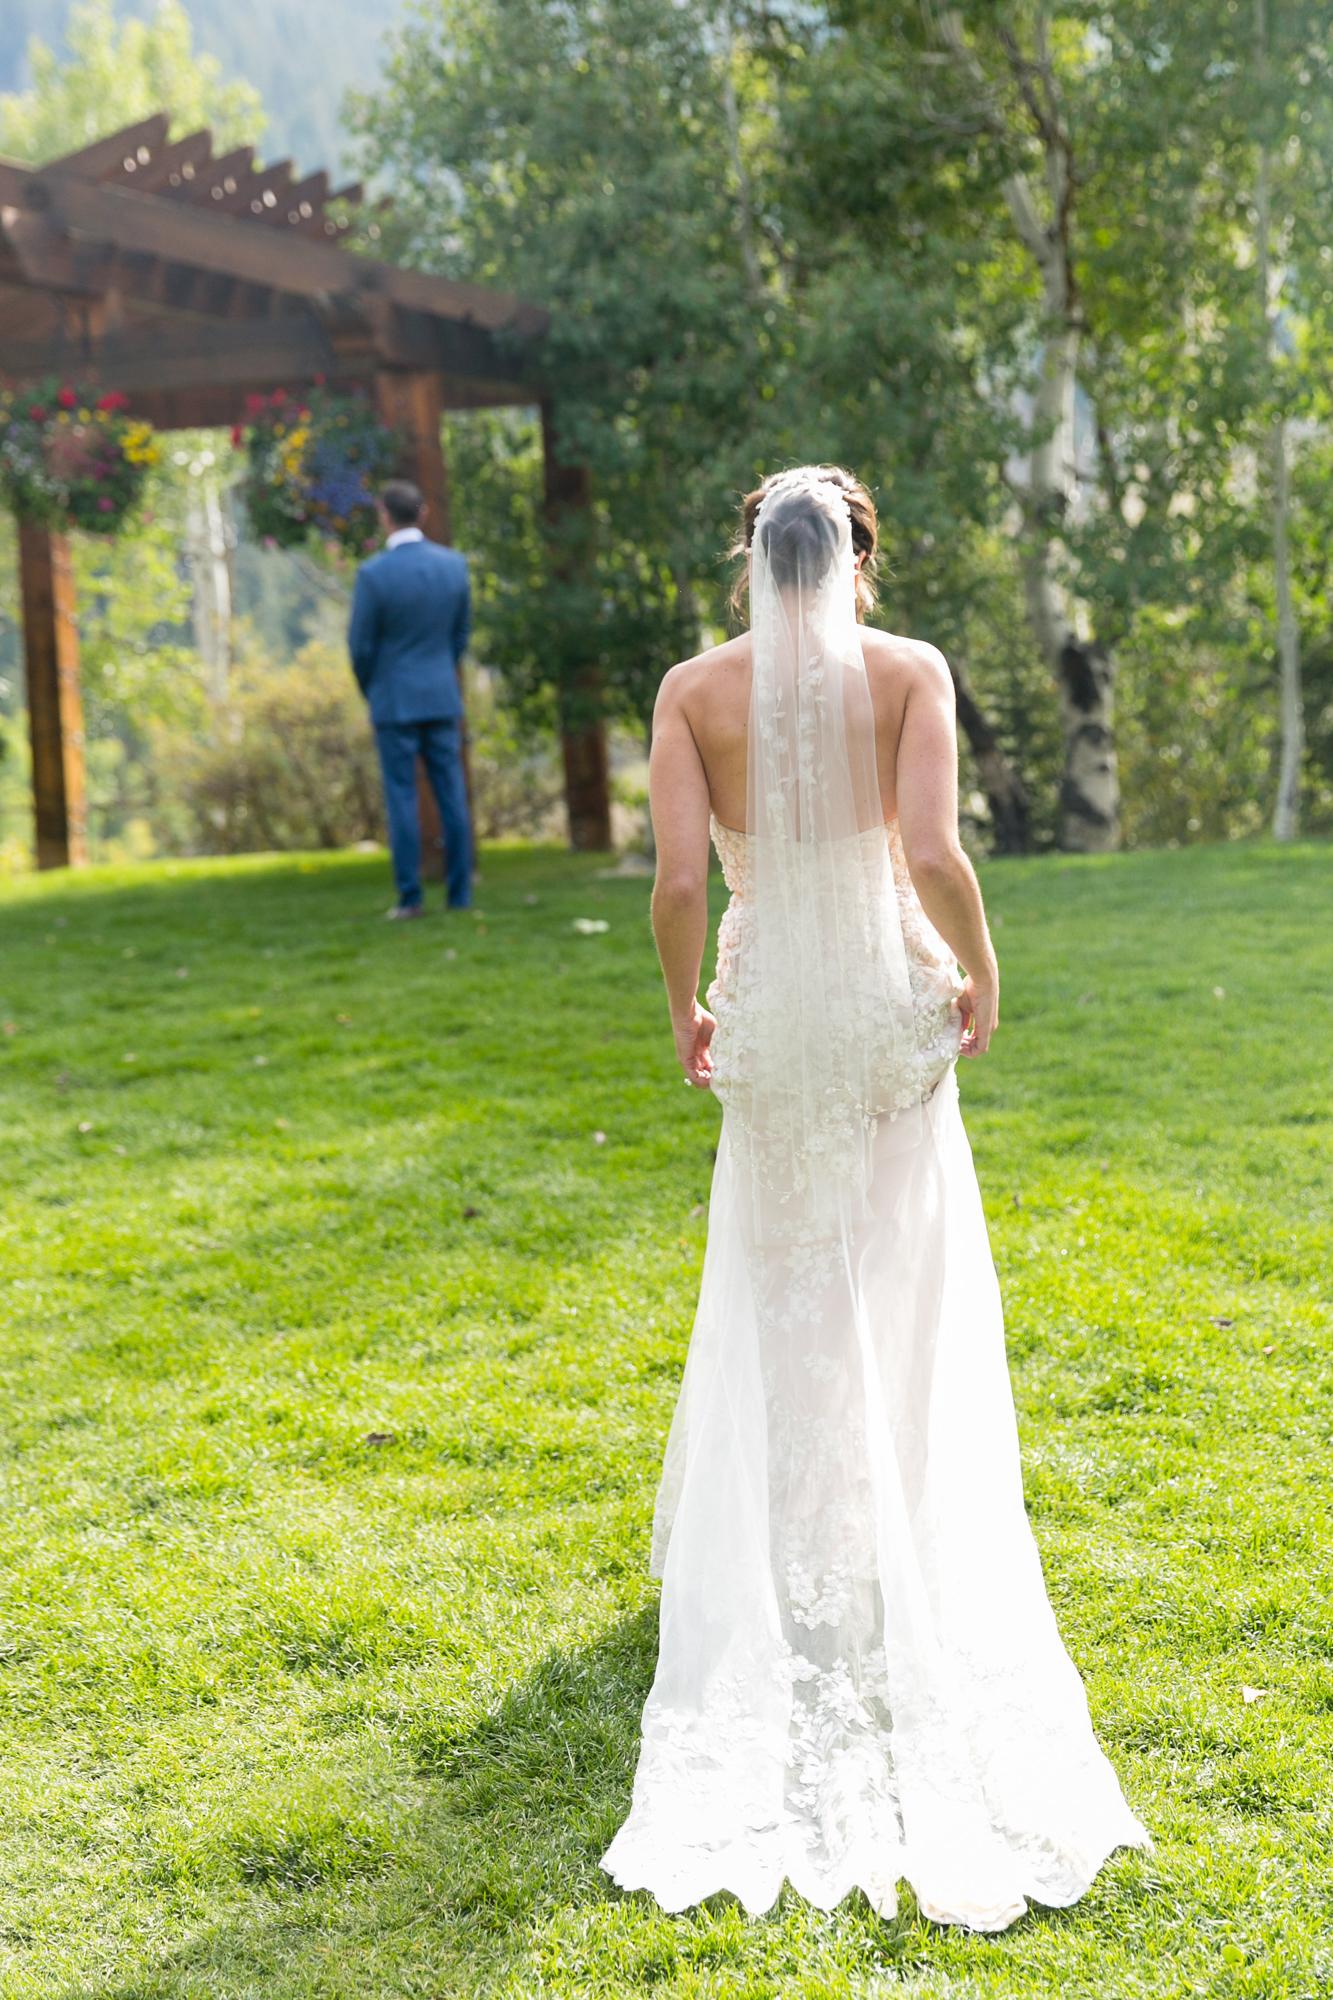 stein-eriksen-wedding-photography-9.jpg